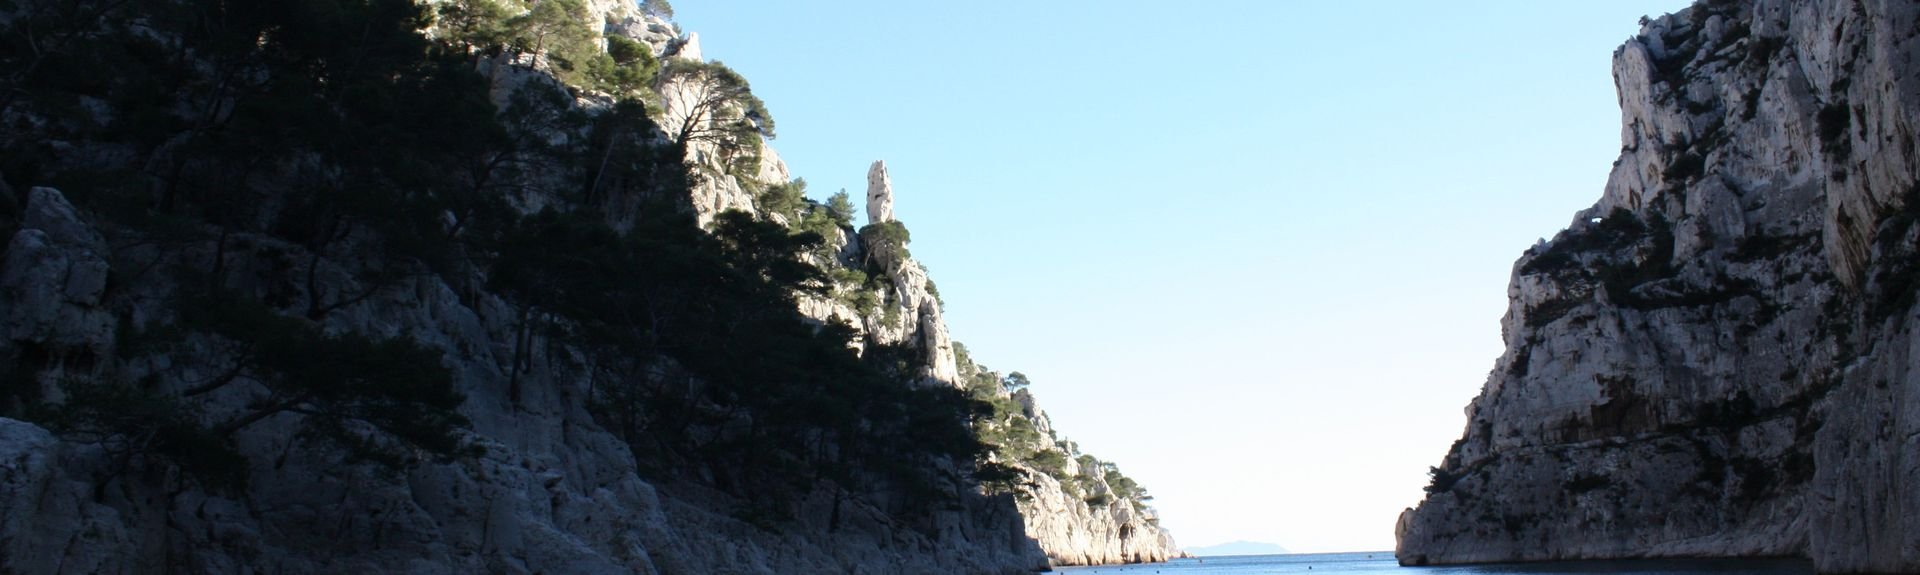 Endoume, Marseille, Provence-Alpes-Côte d'Azur, Frankreich